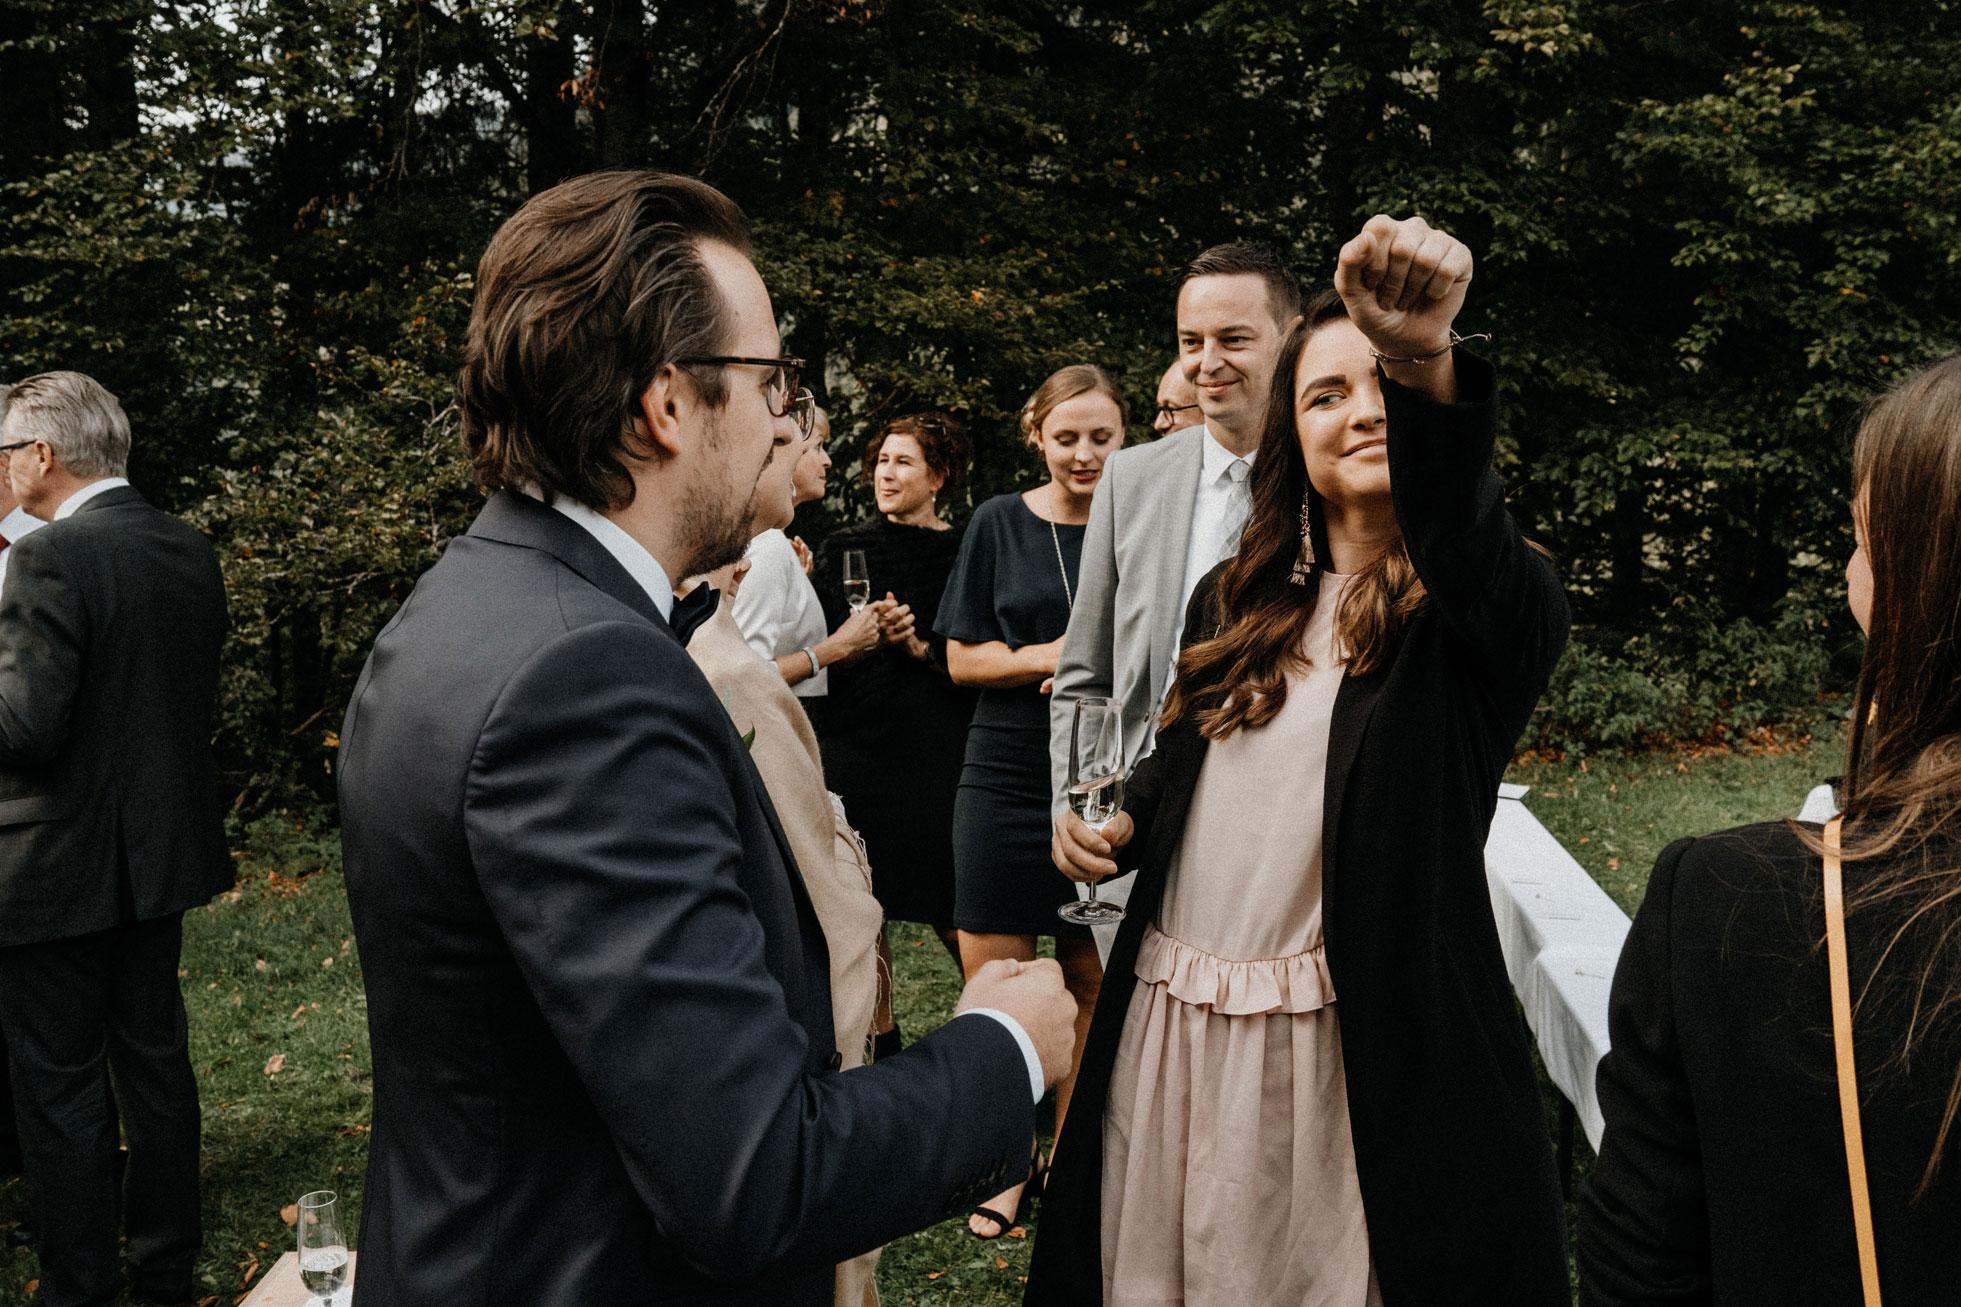 Hochzeit_Claire_Manuel_Villa_Maund_Daniel_Jenny-293.jpg